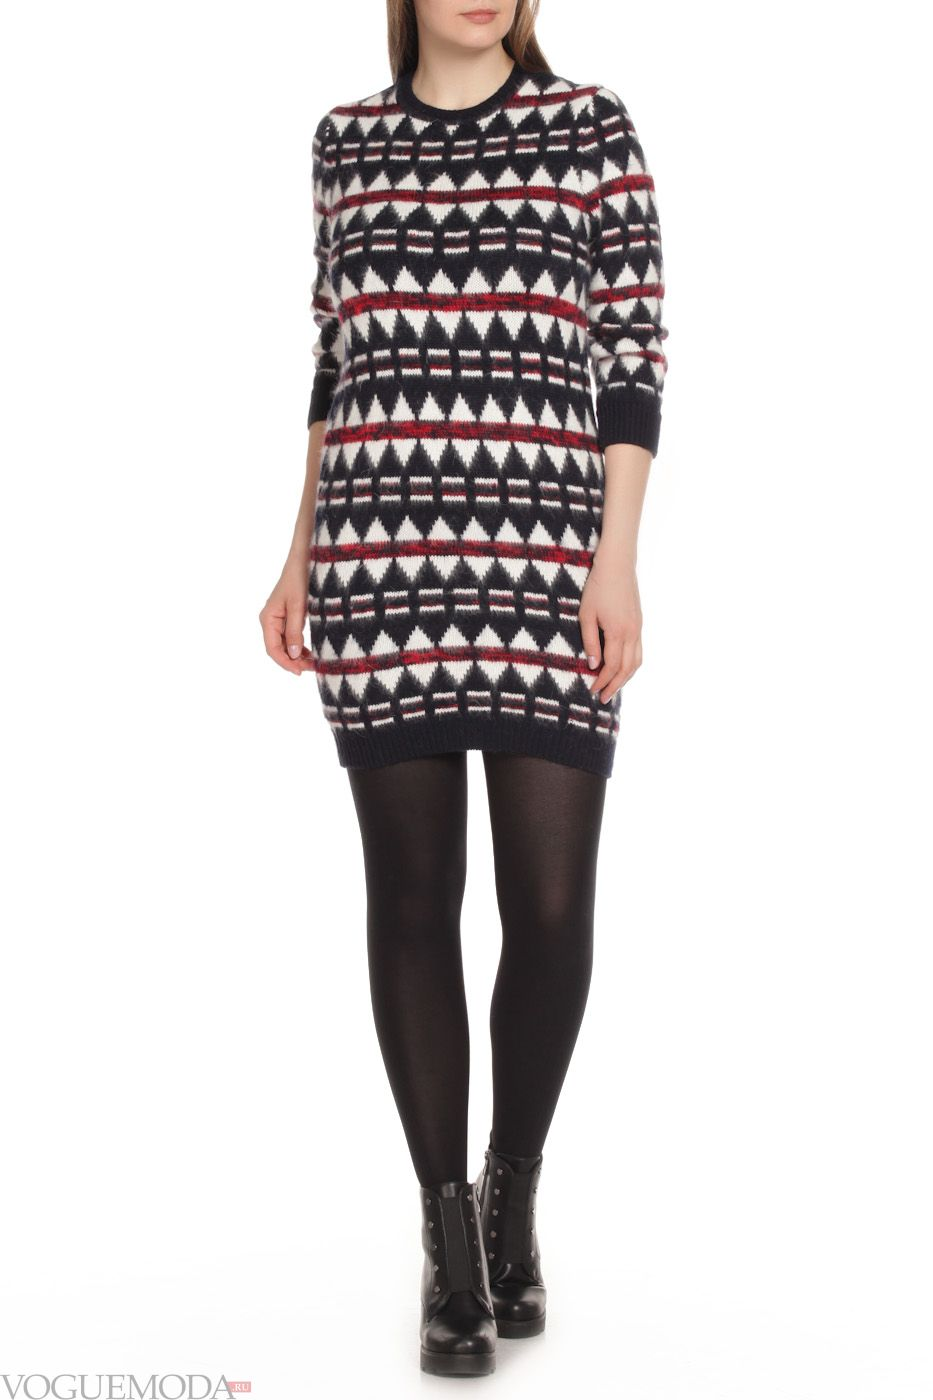 3cb480a6b9 Ha a ruha monokróm piros, egy új íj sziluettje, fekete cipővel viselt. Egy  átlátszó ruhát egyenes réteggel, nagy pulóverrel vagy laza kabáttal kell  viselni.